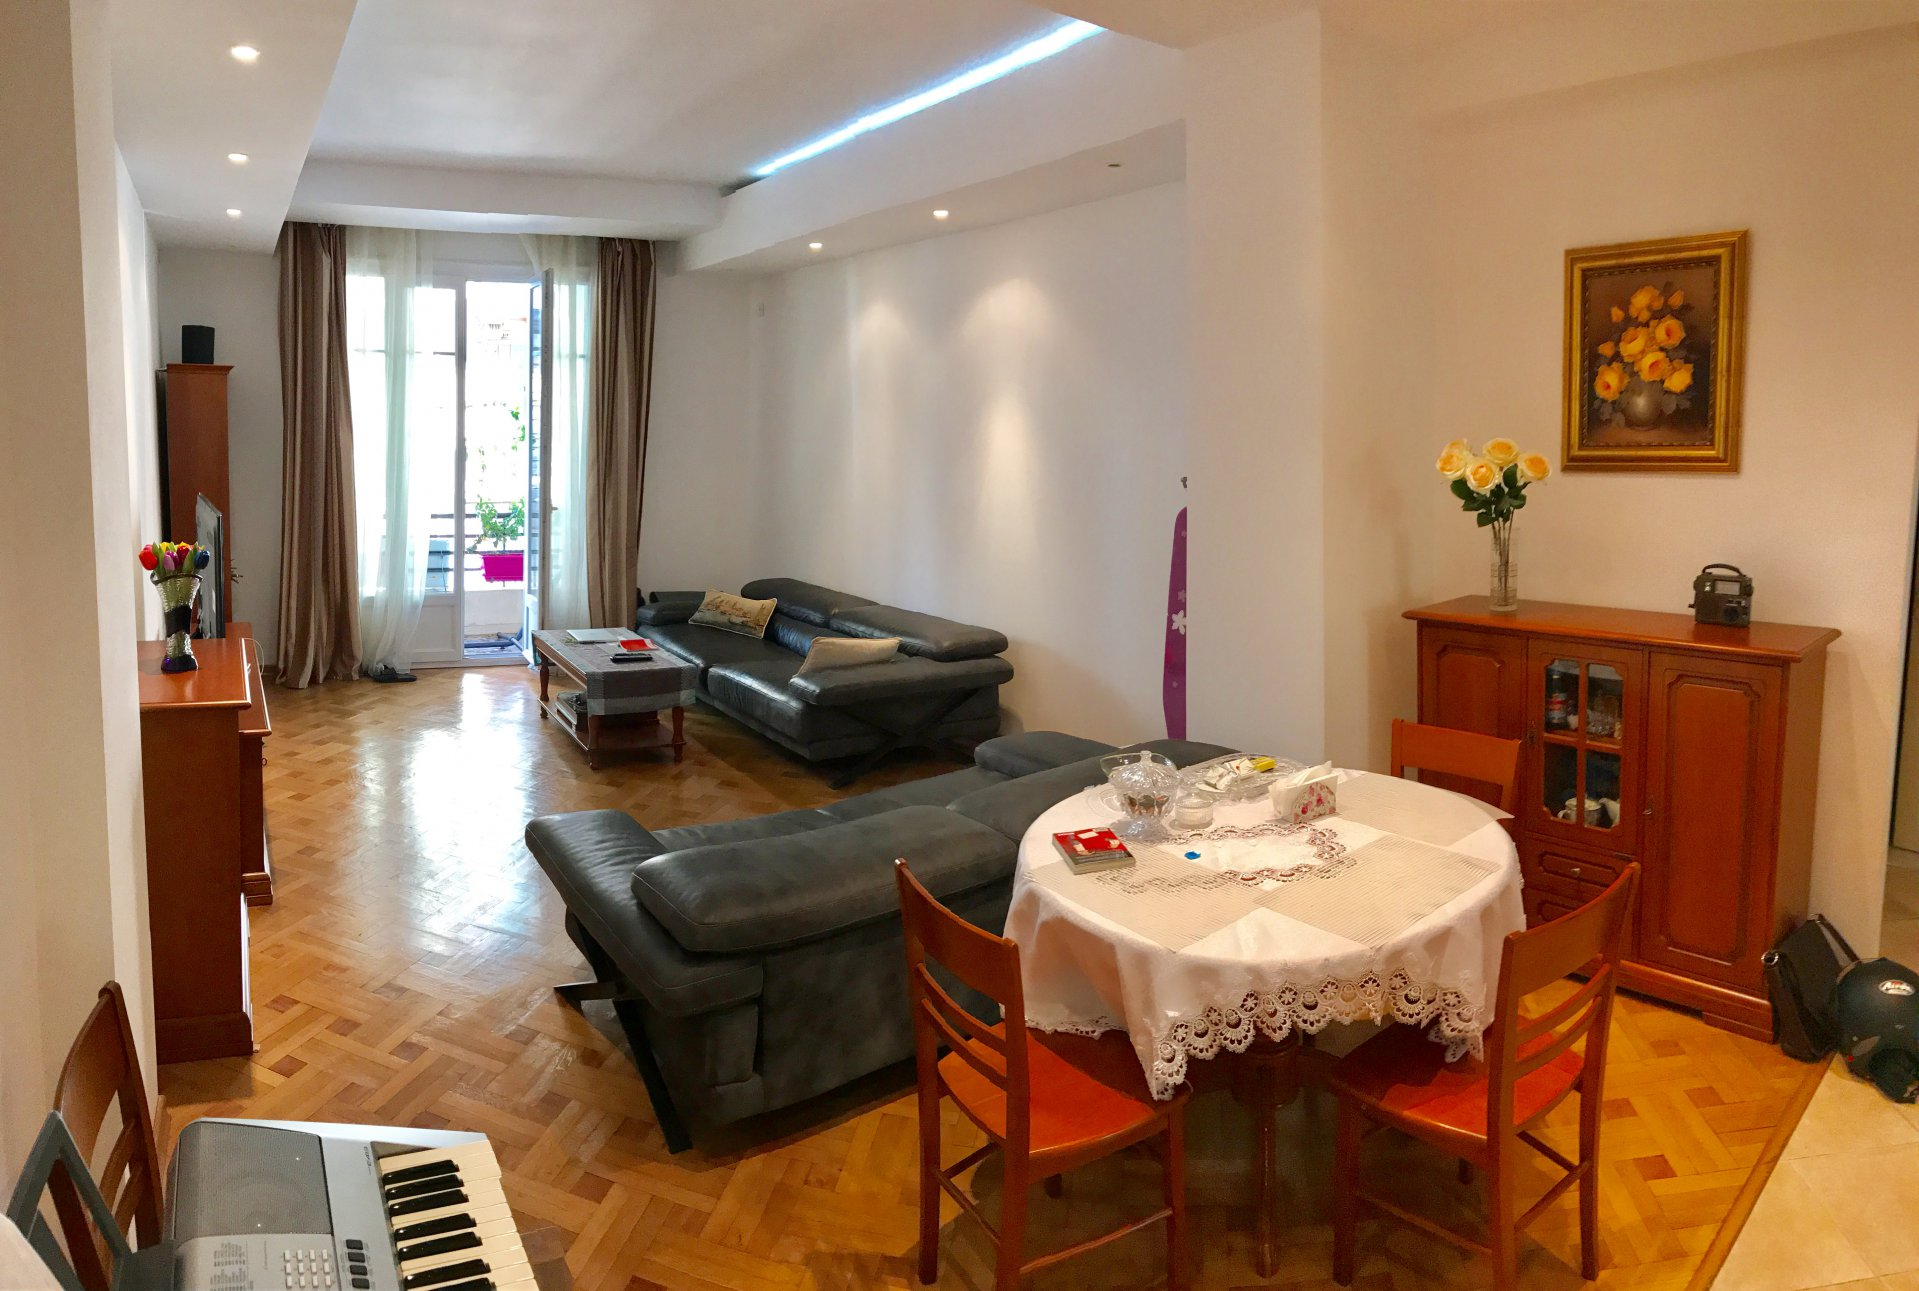 Verkoop Appartement - Nice Carré d'or